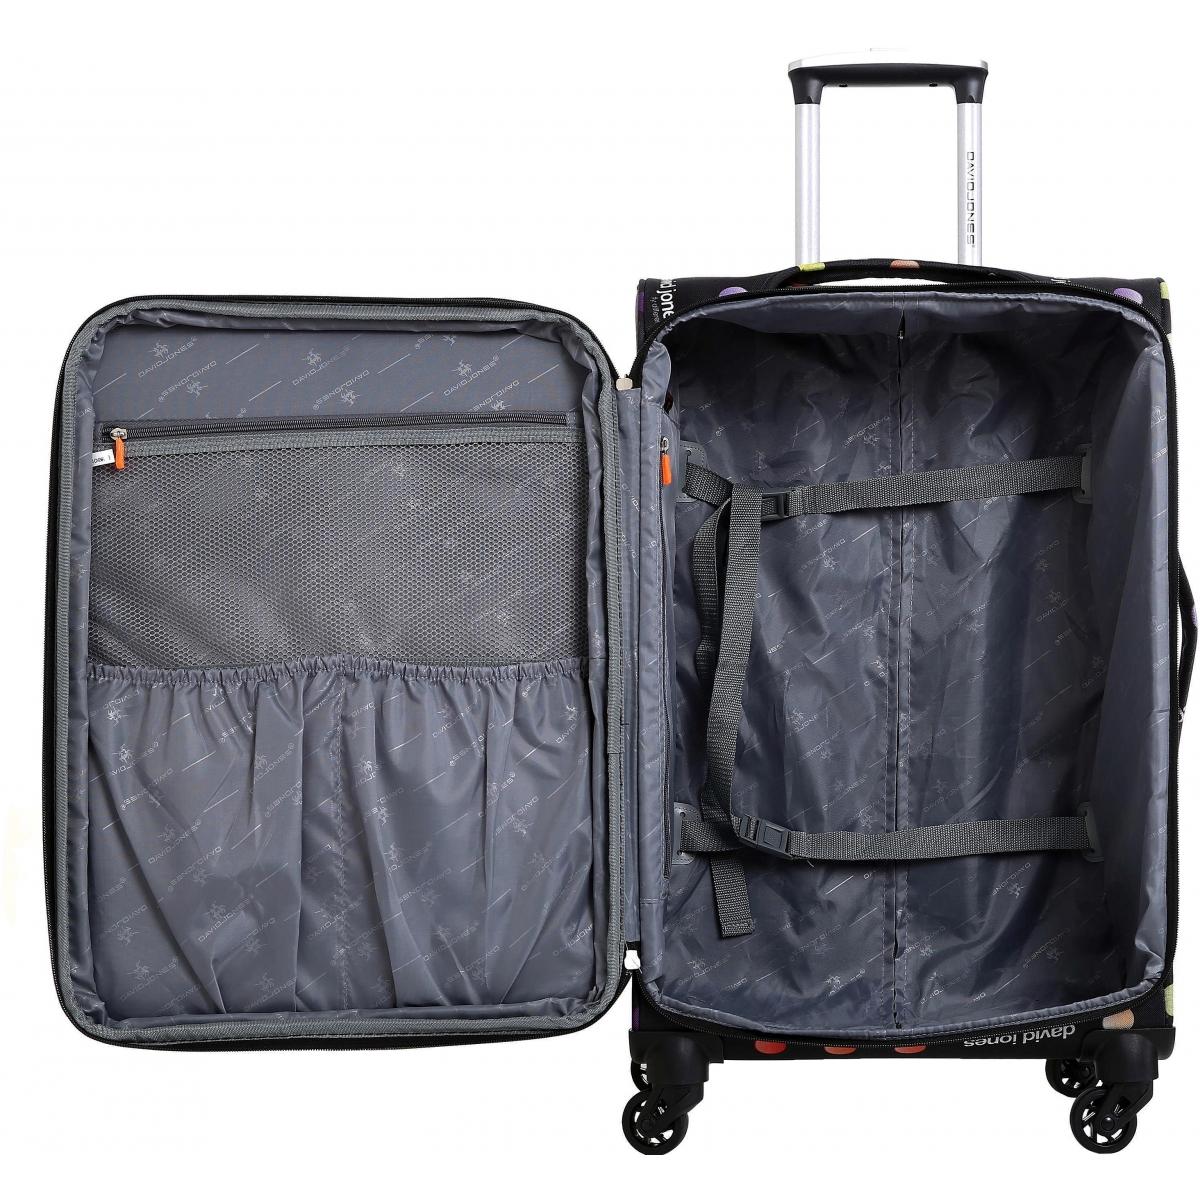 valise cabine souple david jones 56 cm ba50381p couleur principale little pois valise. Black Bedroom Furniture Sets. Home Design Ideas